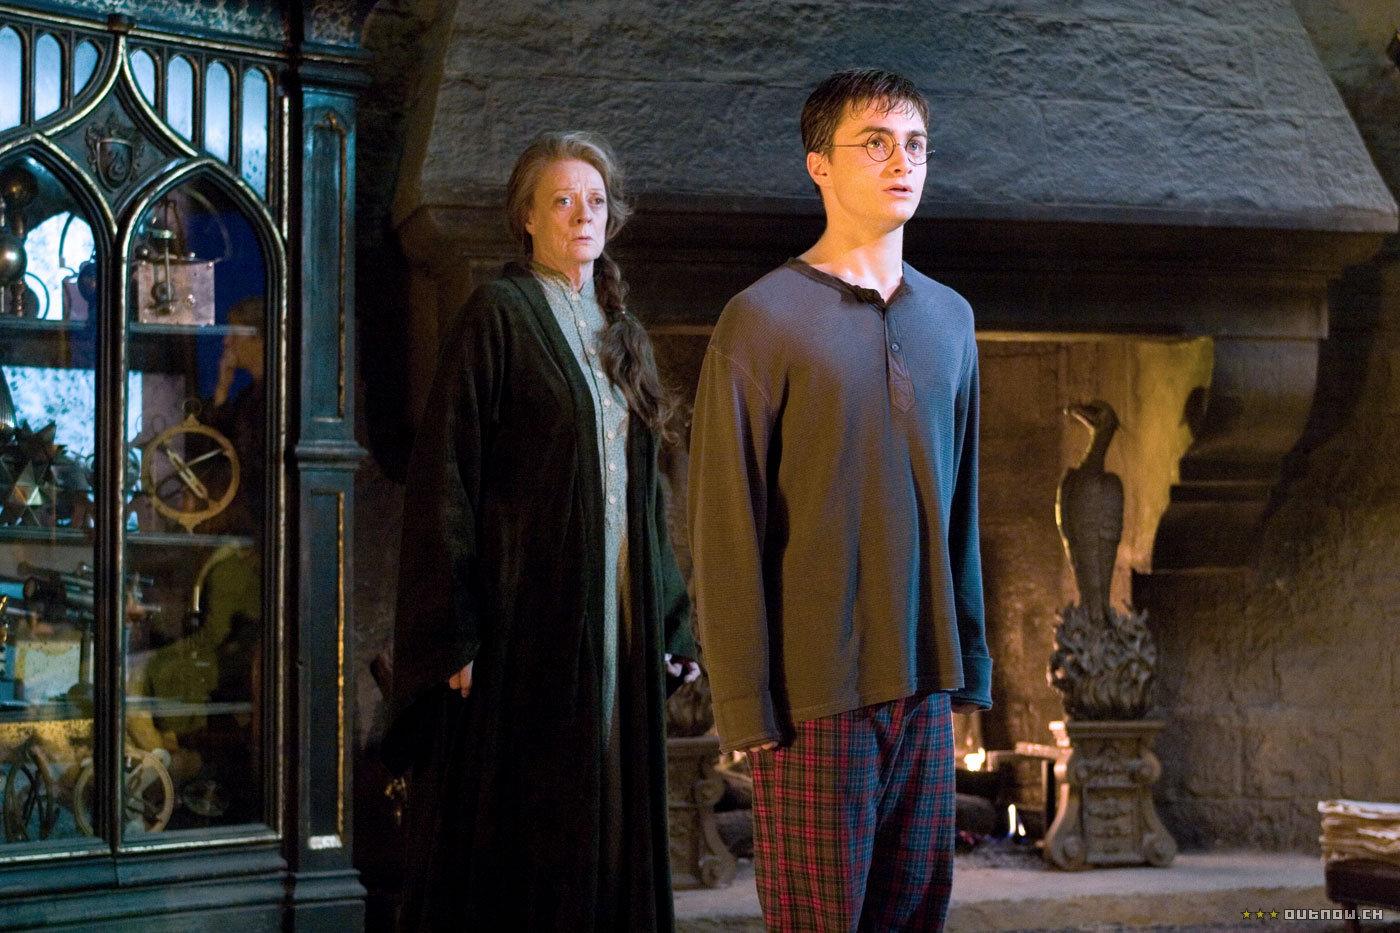 кадры из фильма Гарри Поттер и Орден Феникса Мэгги Смит, Дэниэл Рэдклифф,